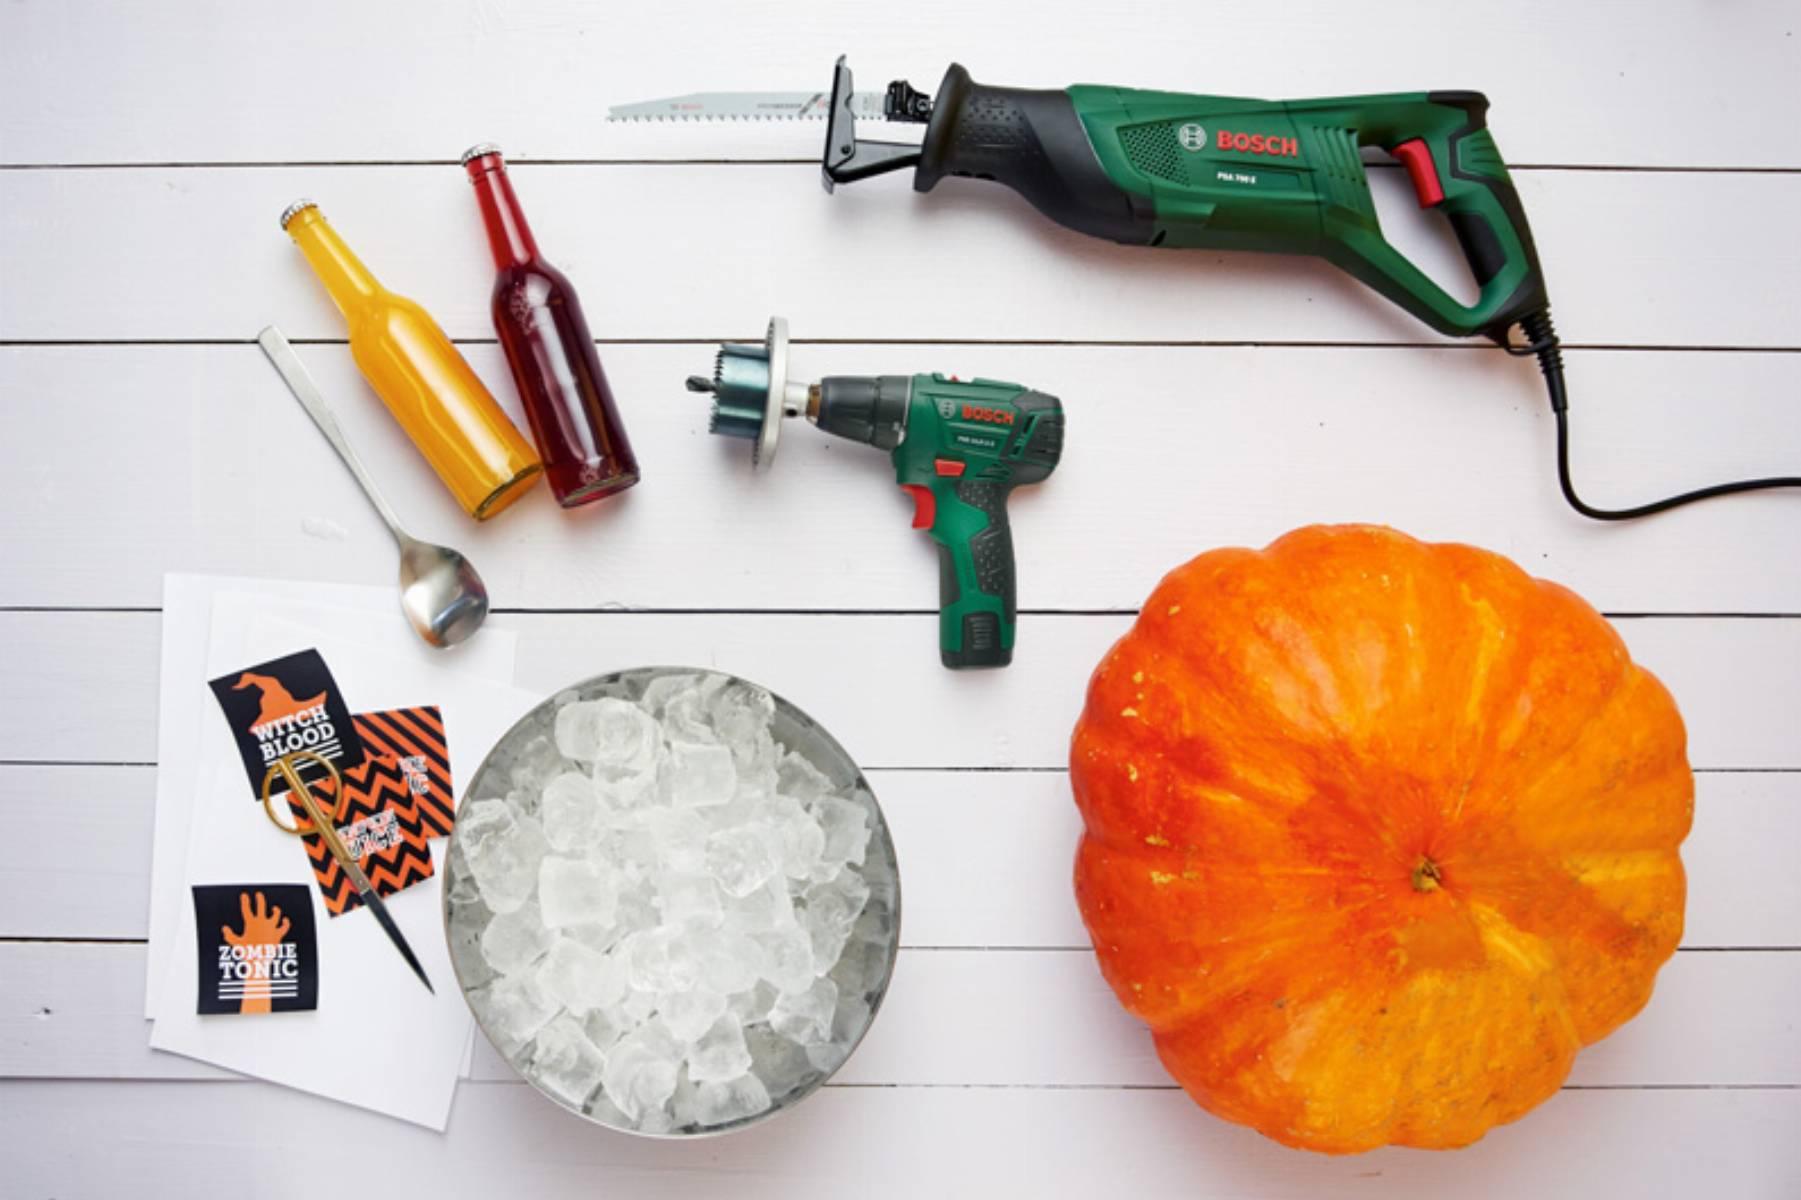 A cool pumpkin_list of materials